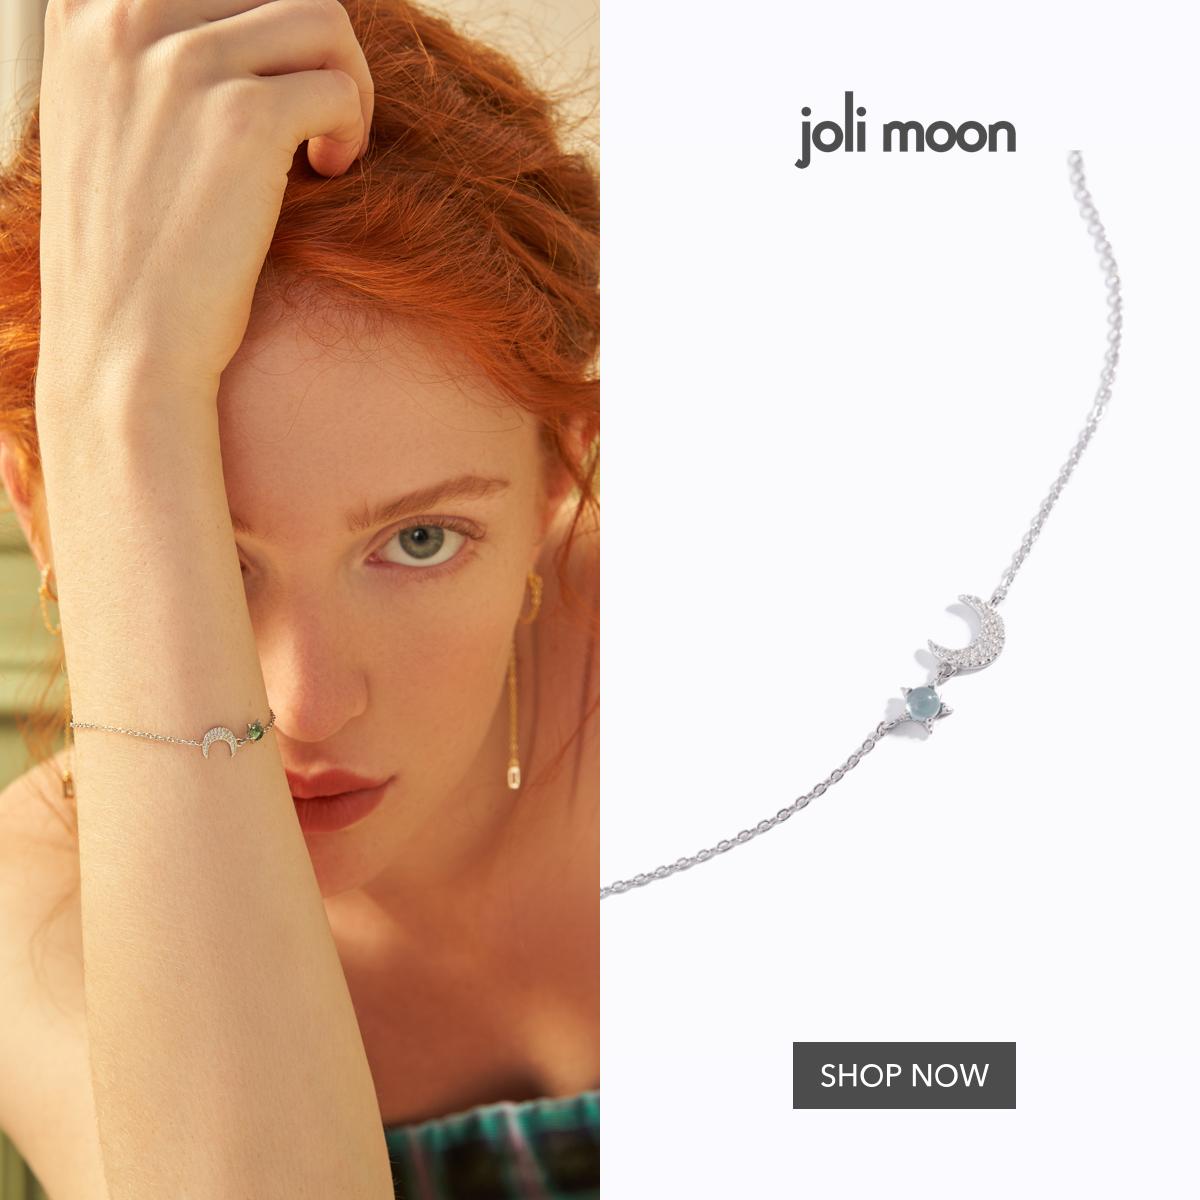 Joli Moon Bracelets